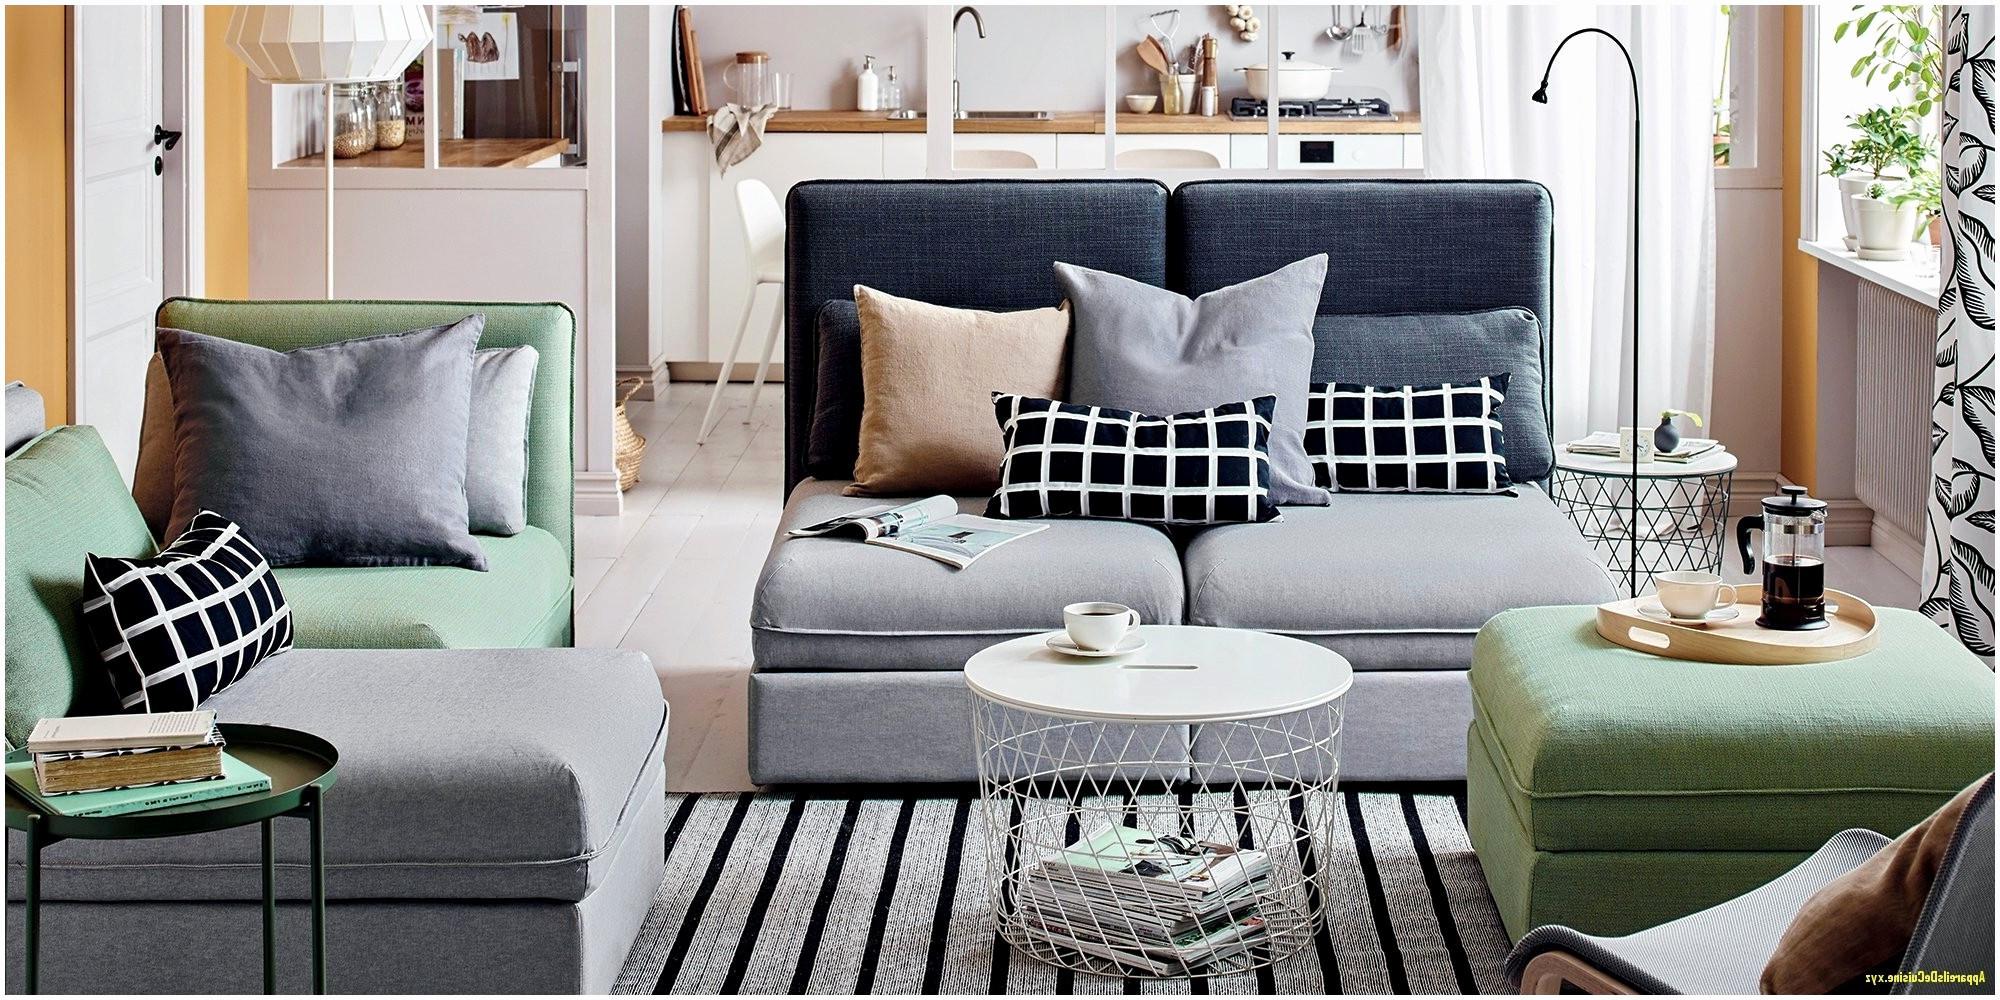 meuble de salon pas cher meuble salon solde chaise salon pas cher of meuble de salon pas cher